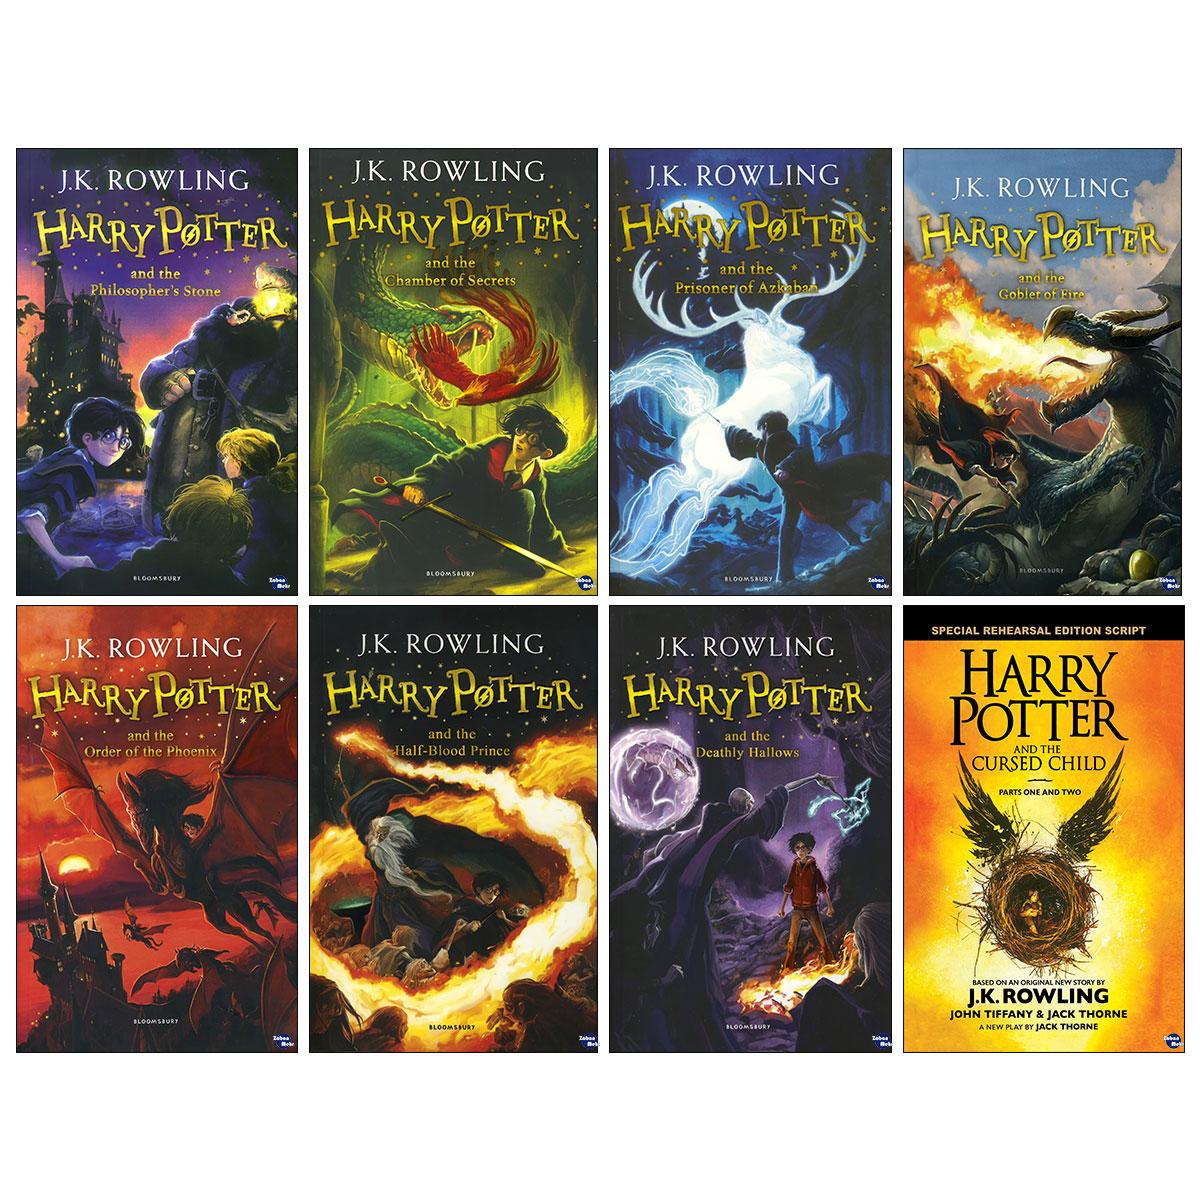 کتاب harry potter اثر J.K. Rowling انتشارات زبان مهر 8 جلدی